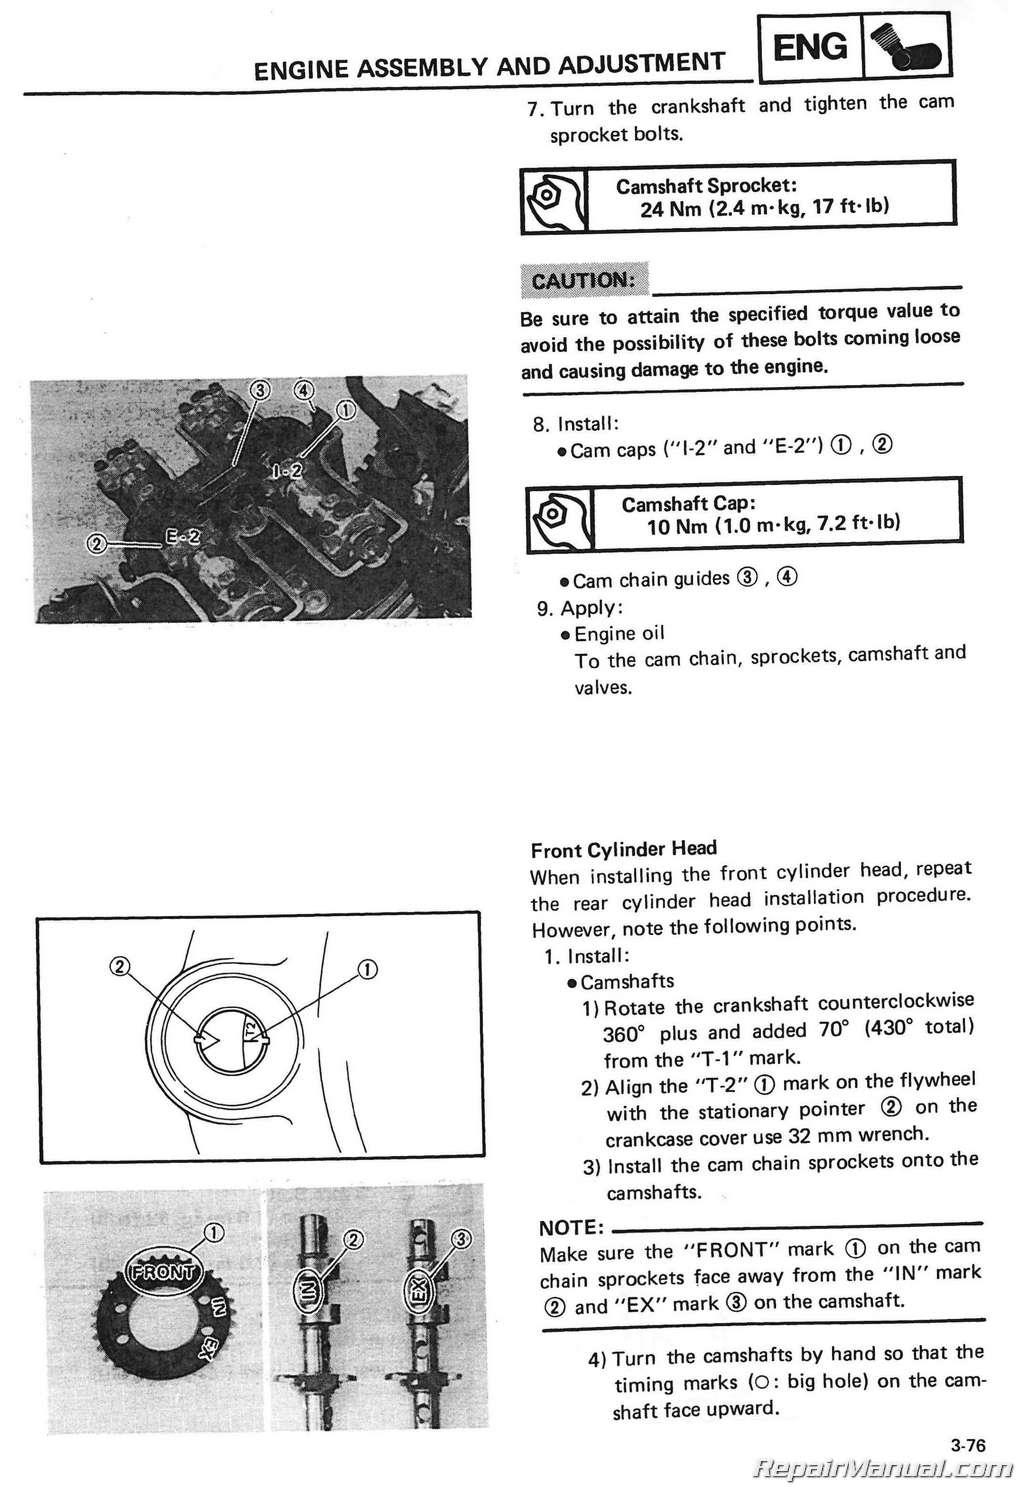 1985 2000 Yamaha Vmx1200 Vmax Motorcycle Service Manual Engine Diagram